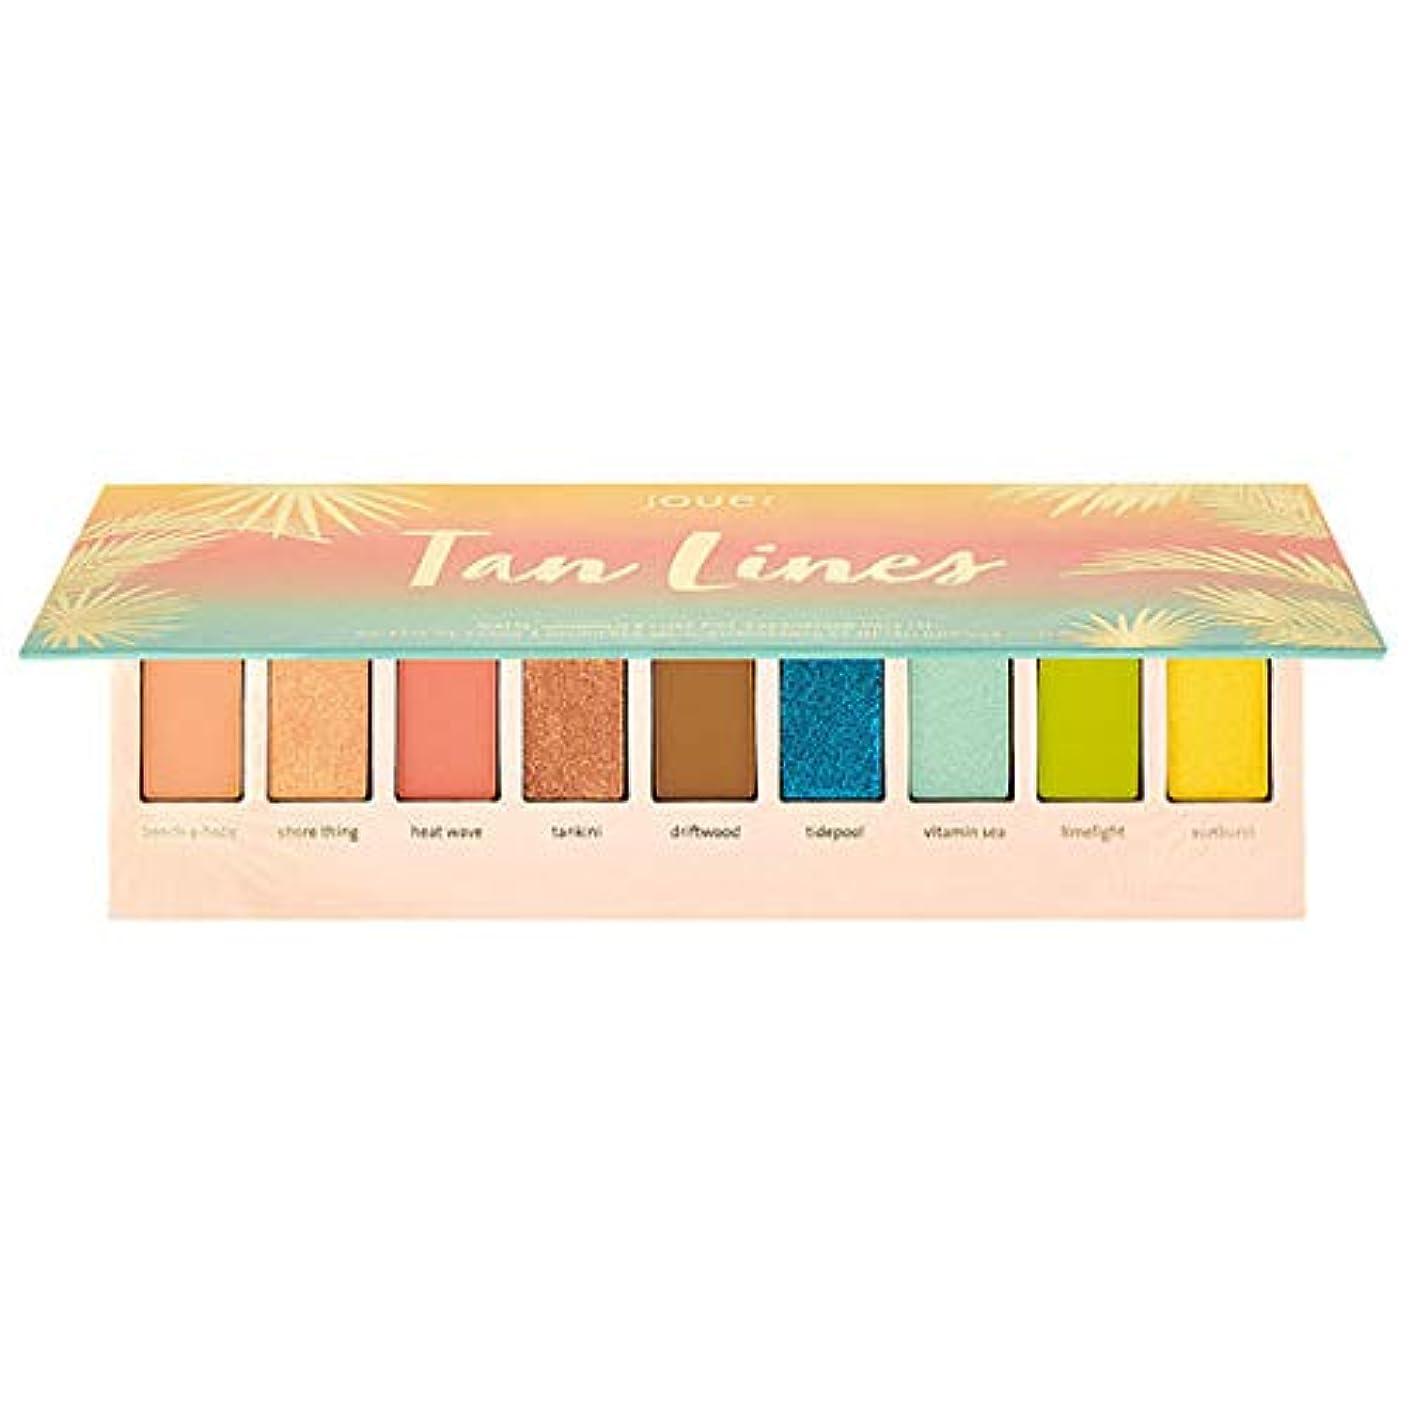 とげのある四半期宣伝Jouer Cosmetics Tan Lines Matte, Shimmer & Luxe Foil Eyeshadow Palette